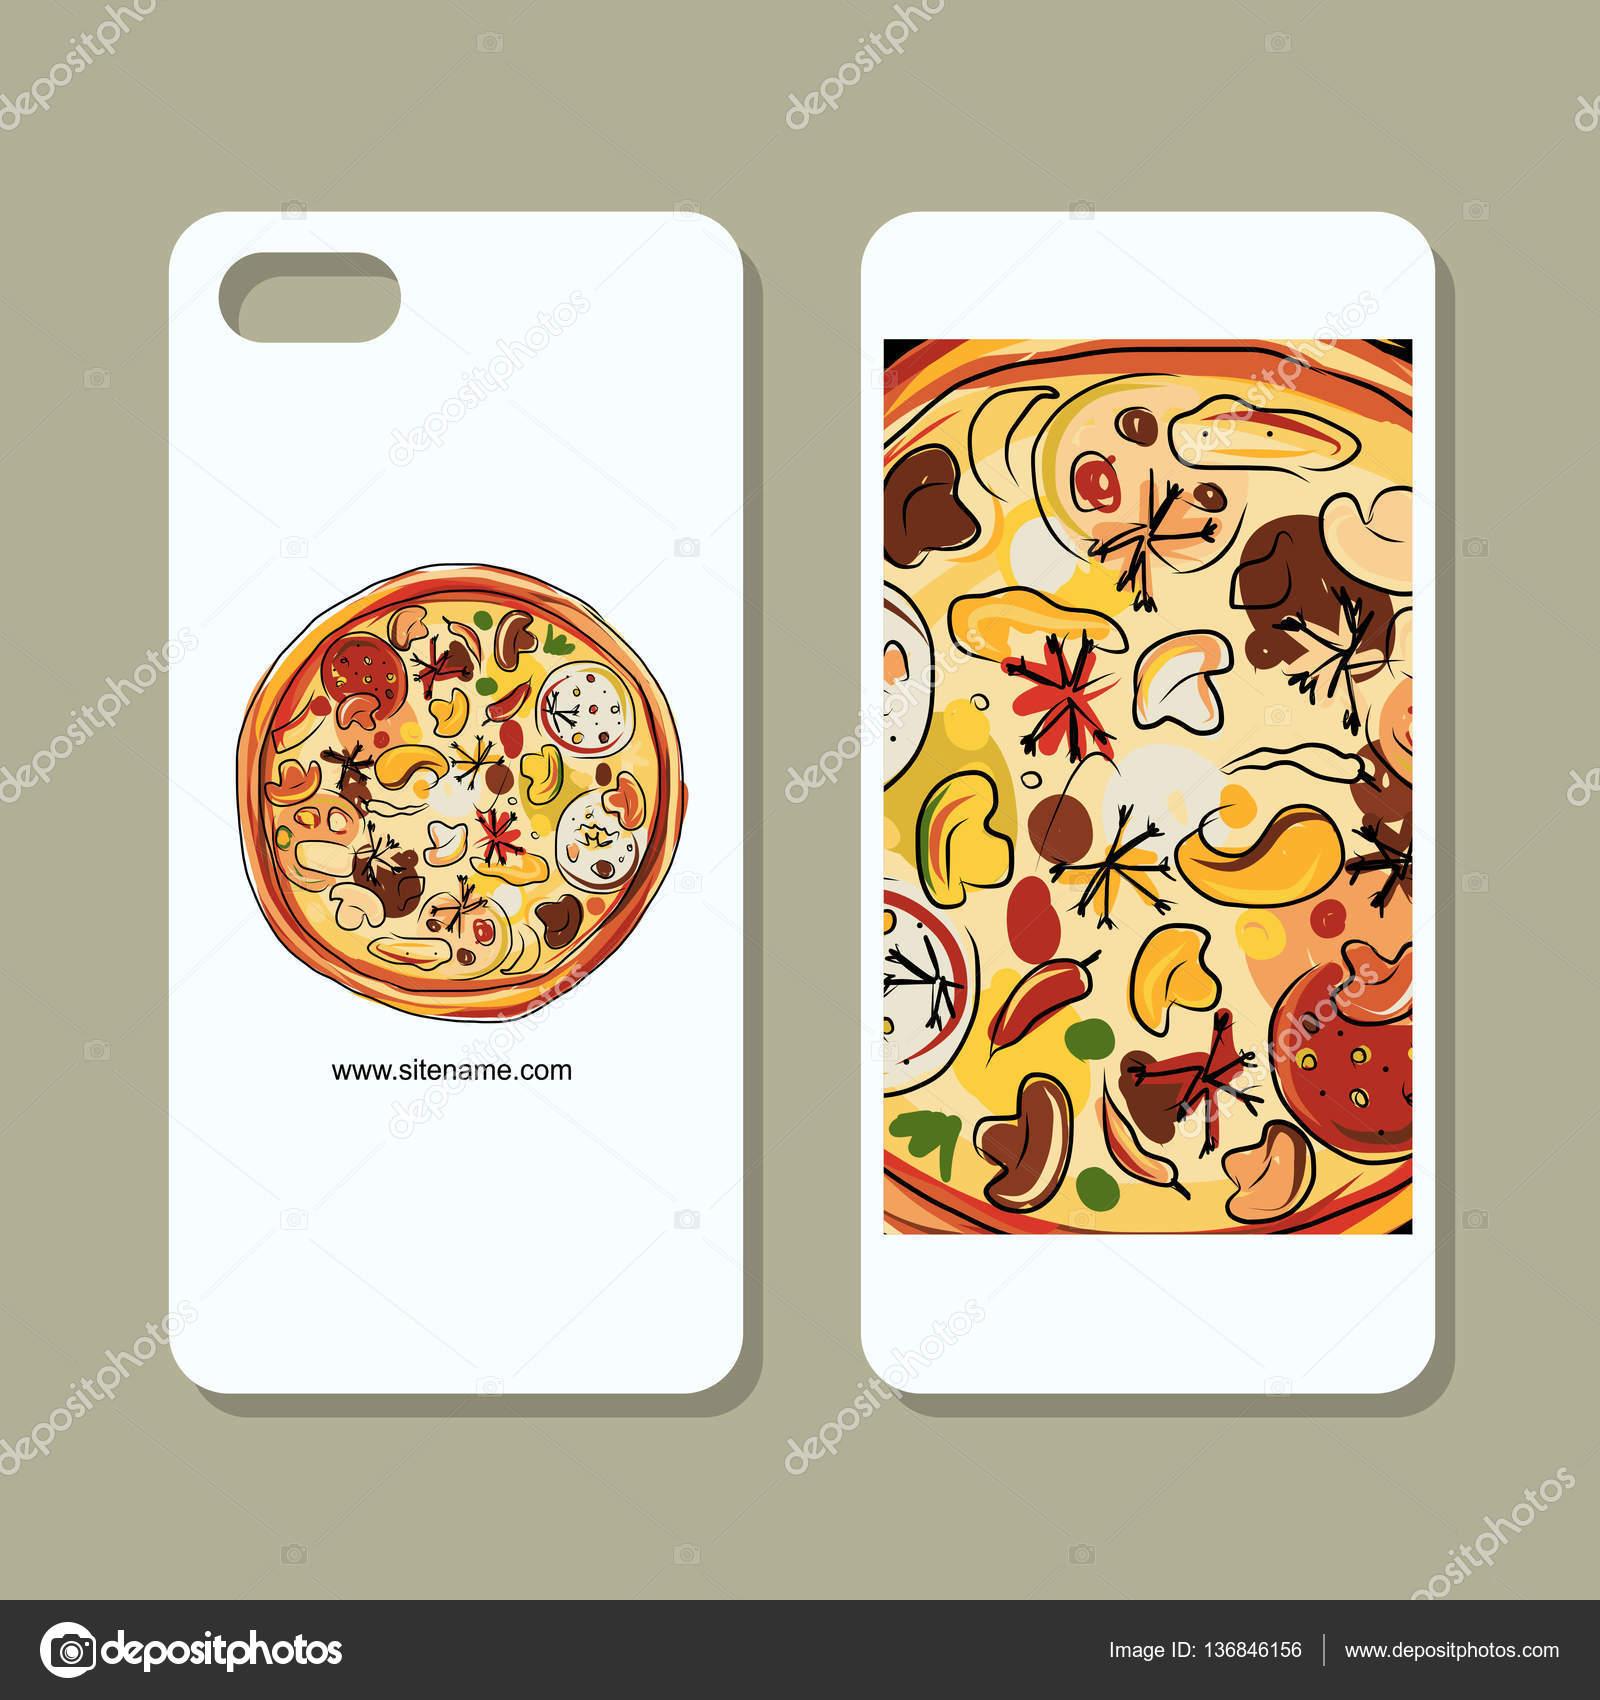 Vettore Sfondi Per Cellulari Pizza Copertura Del Telefono